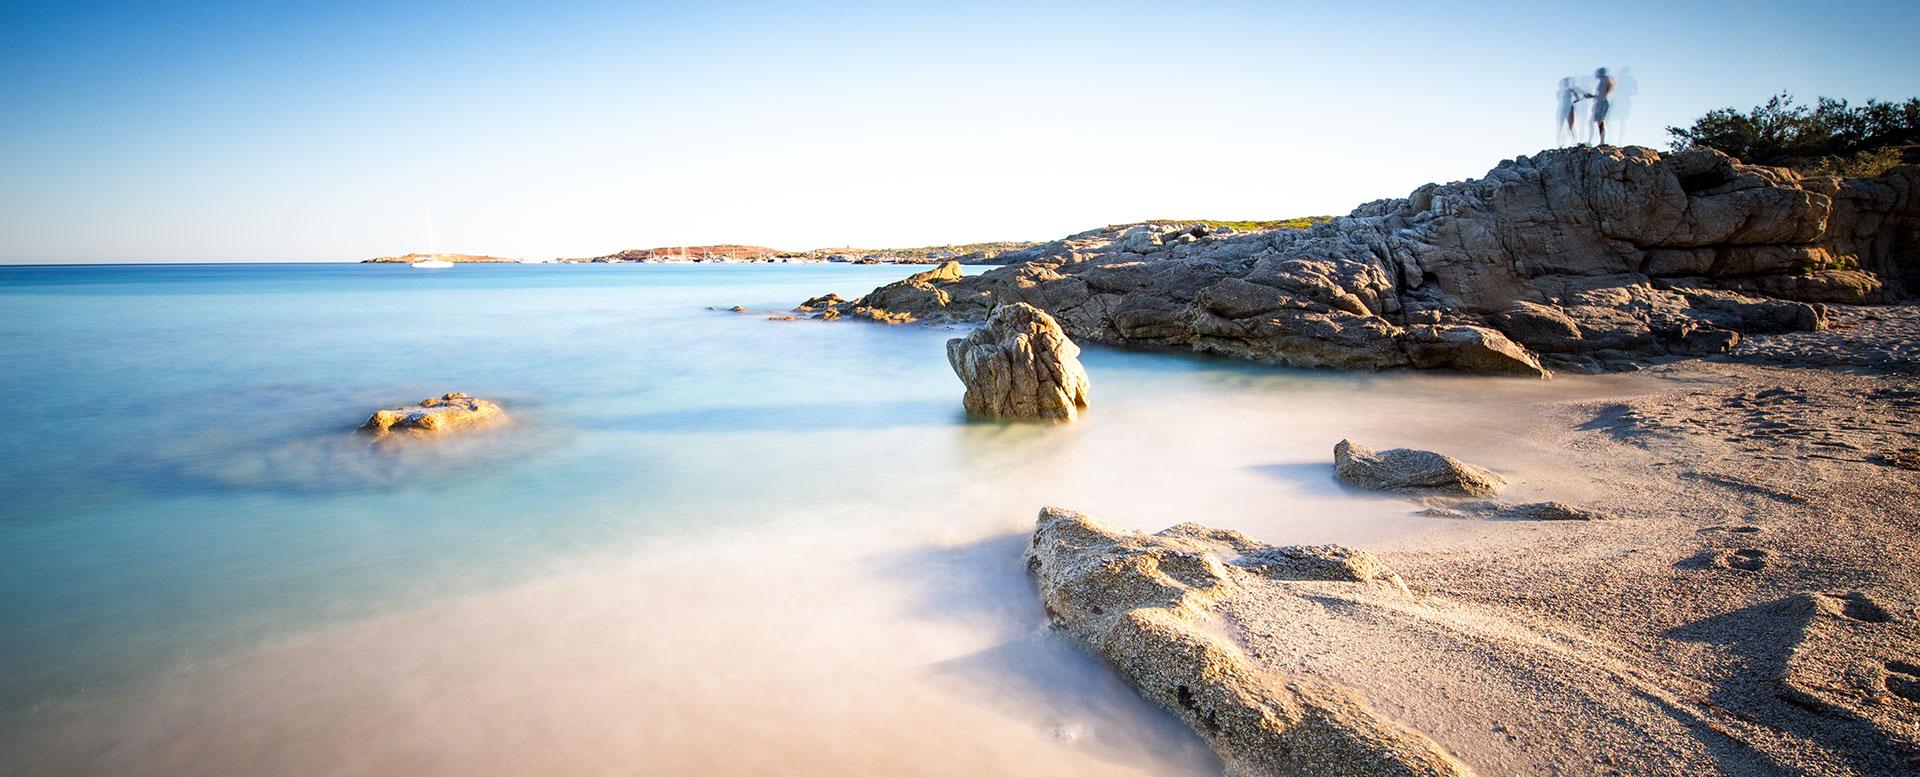 Strand auf Korsika